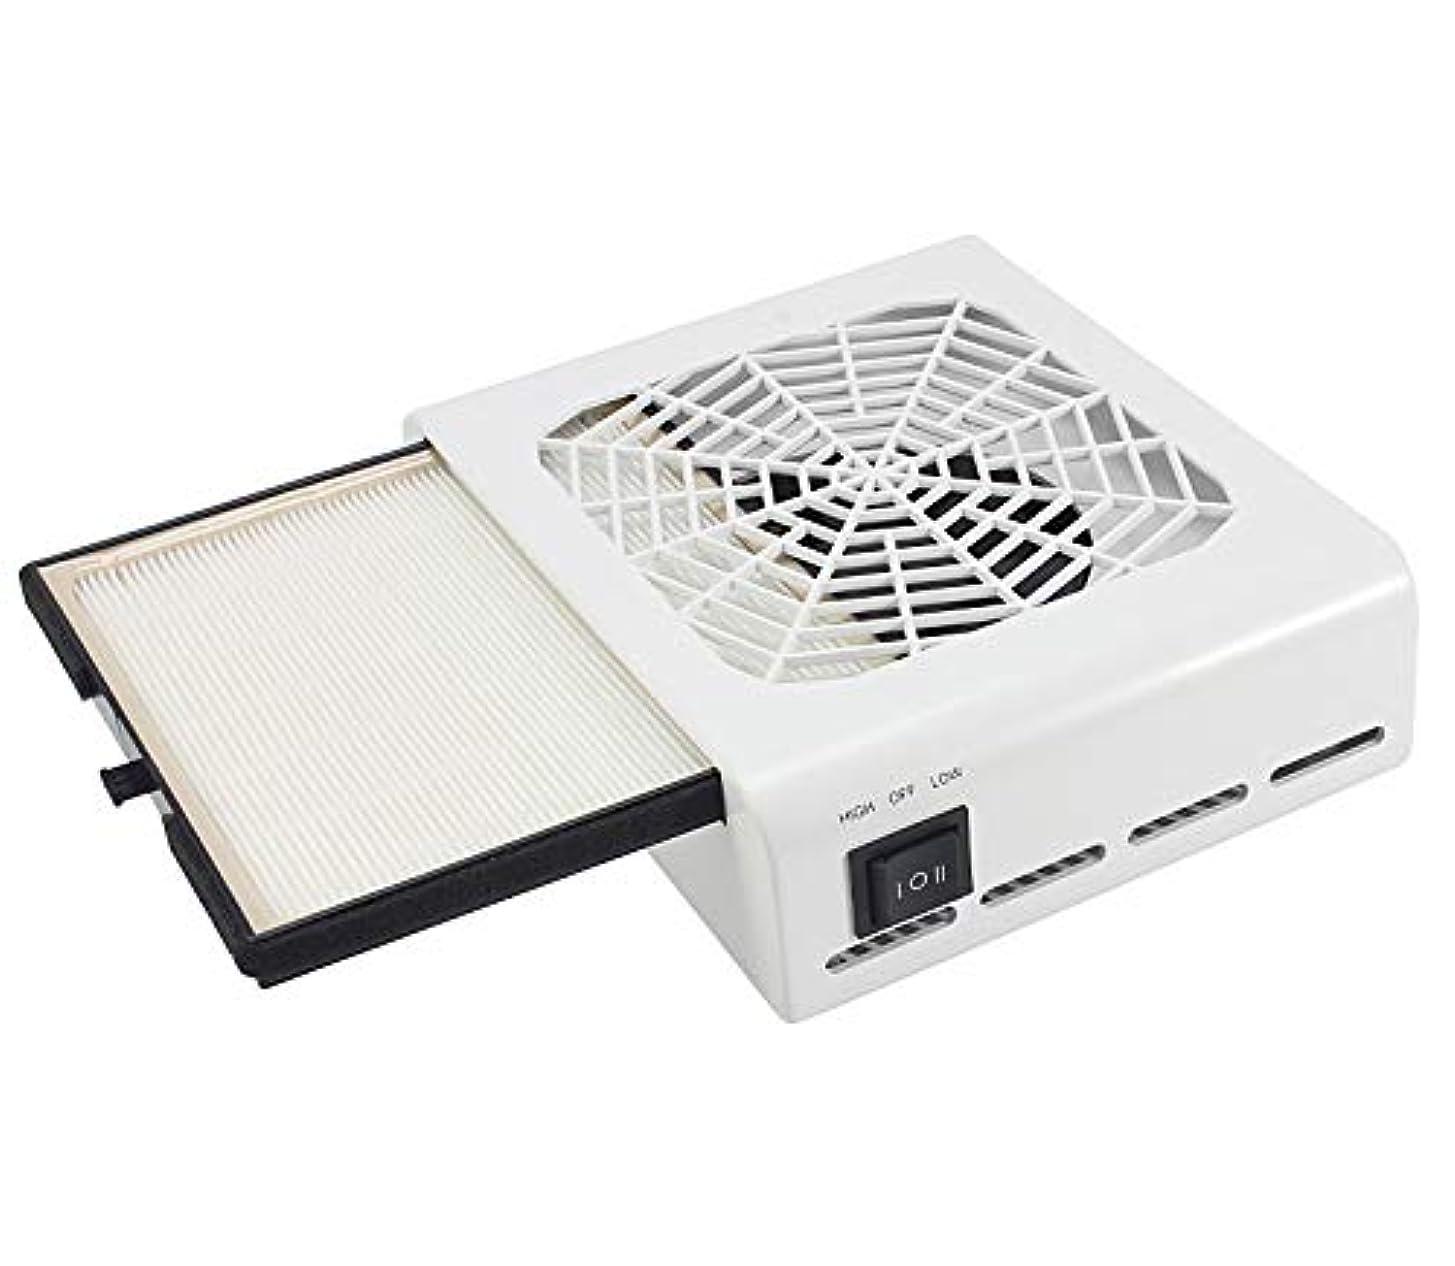 オーブン氏ジュニアネイルダスト 集塵機 ジェルネイル ネイル機器 最新版 セルフネイル 低騒音 110V 40W パワー調節可能 白